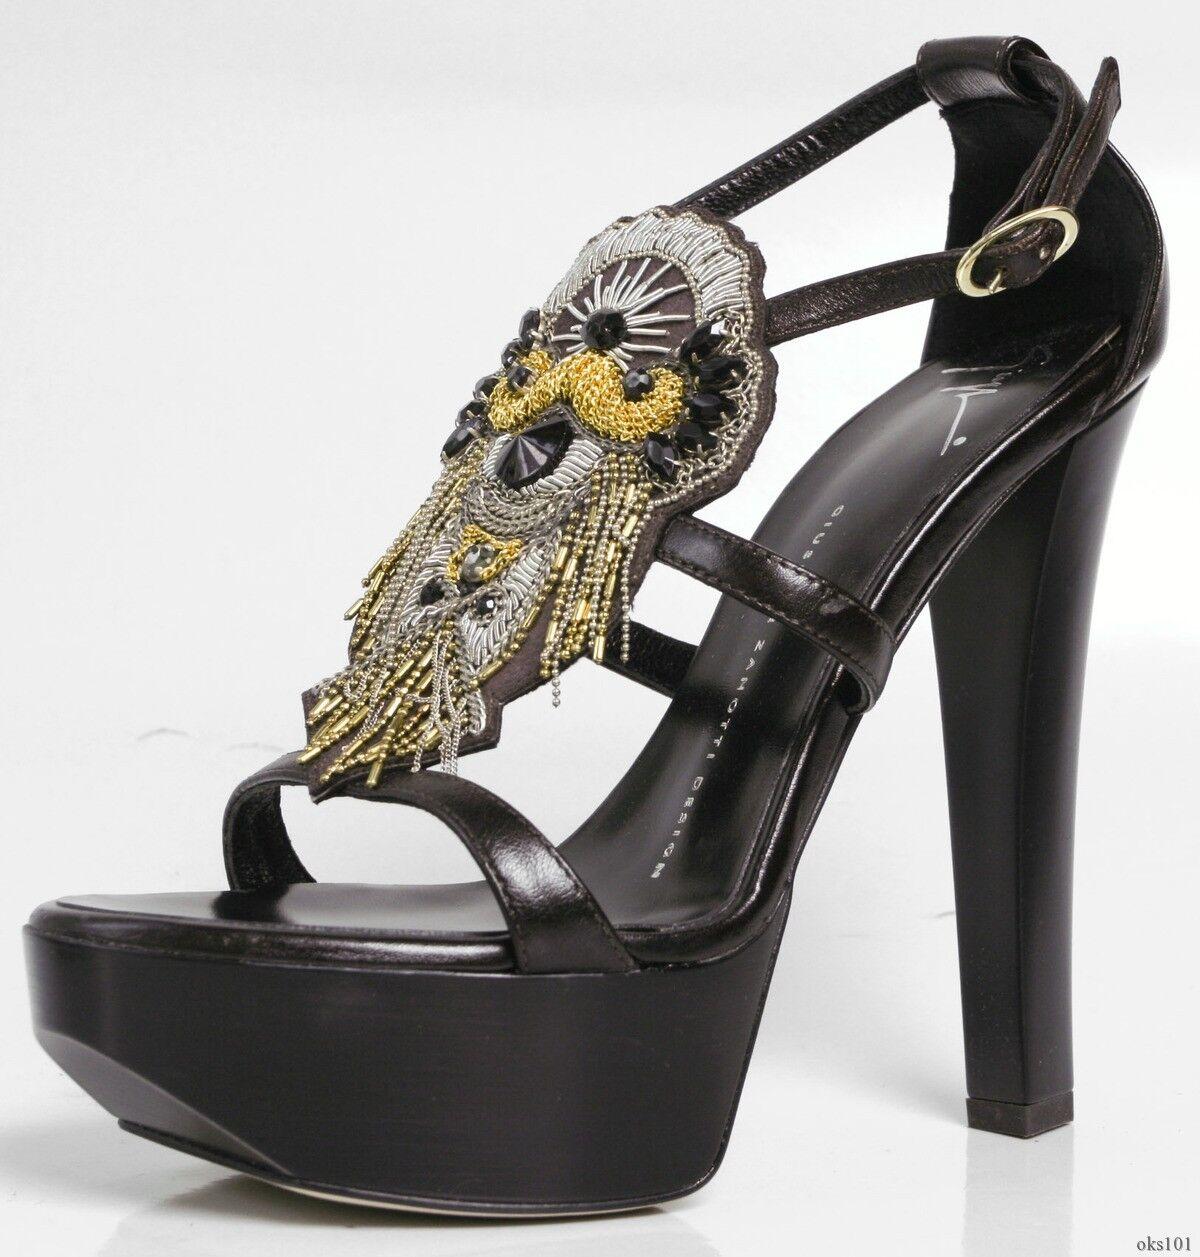 Nuevo  1095 Giuseppe Zanotti con Tiras con cuentas cuentas cuentas de piedras preciosas Plataformas Zapatos Puntera Abierta-Sexy  tiendas minoristas